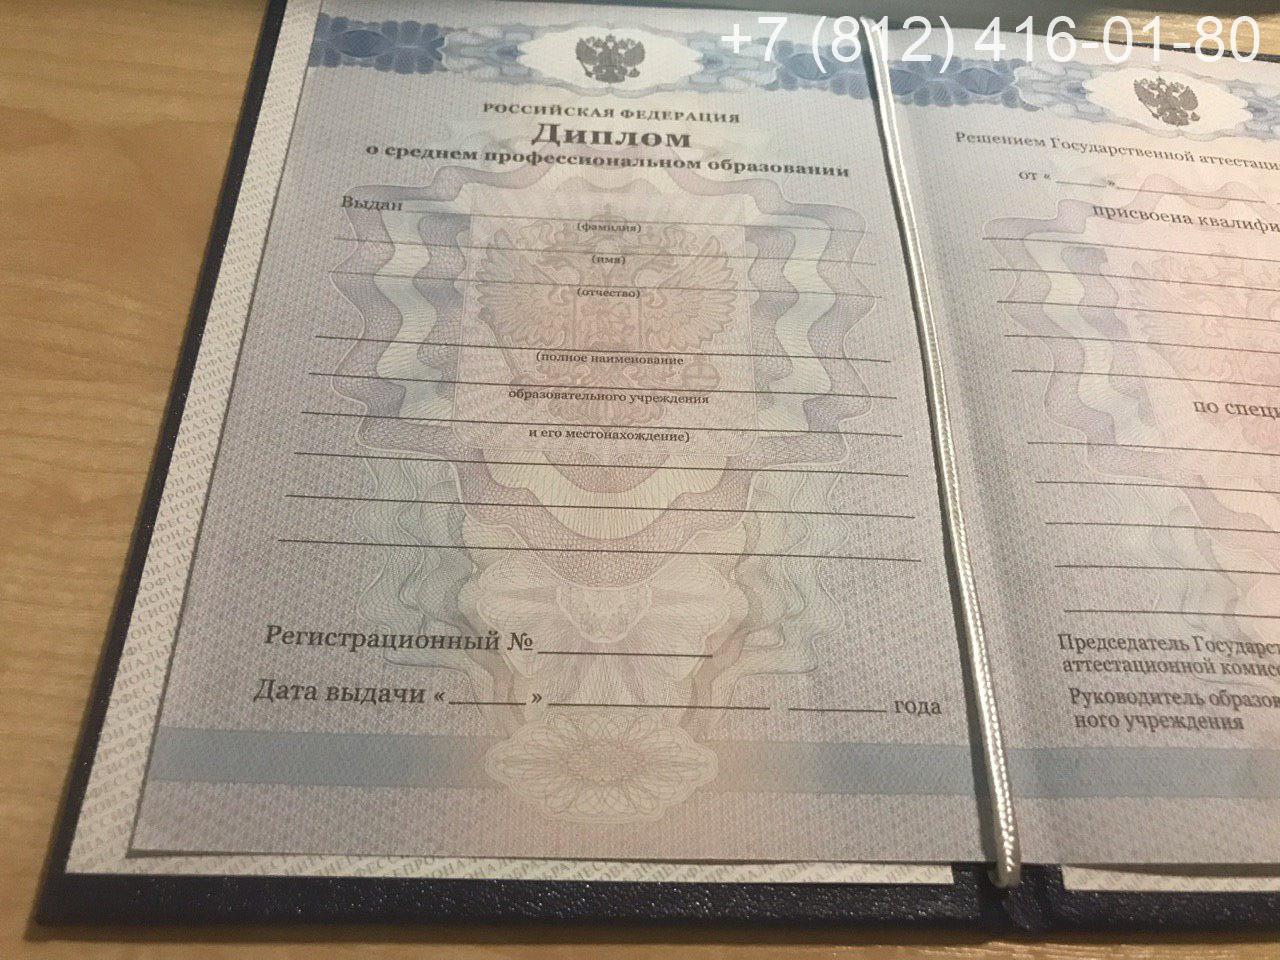 Диплом техникума 2011-2013 годов, образец, титульный лист-1